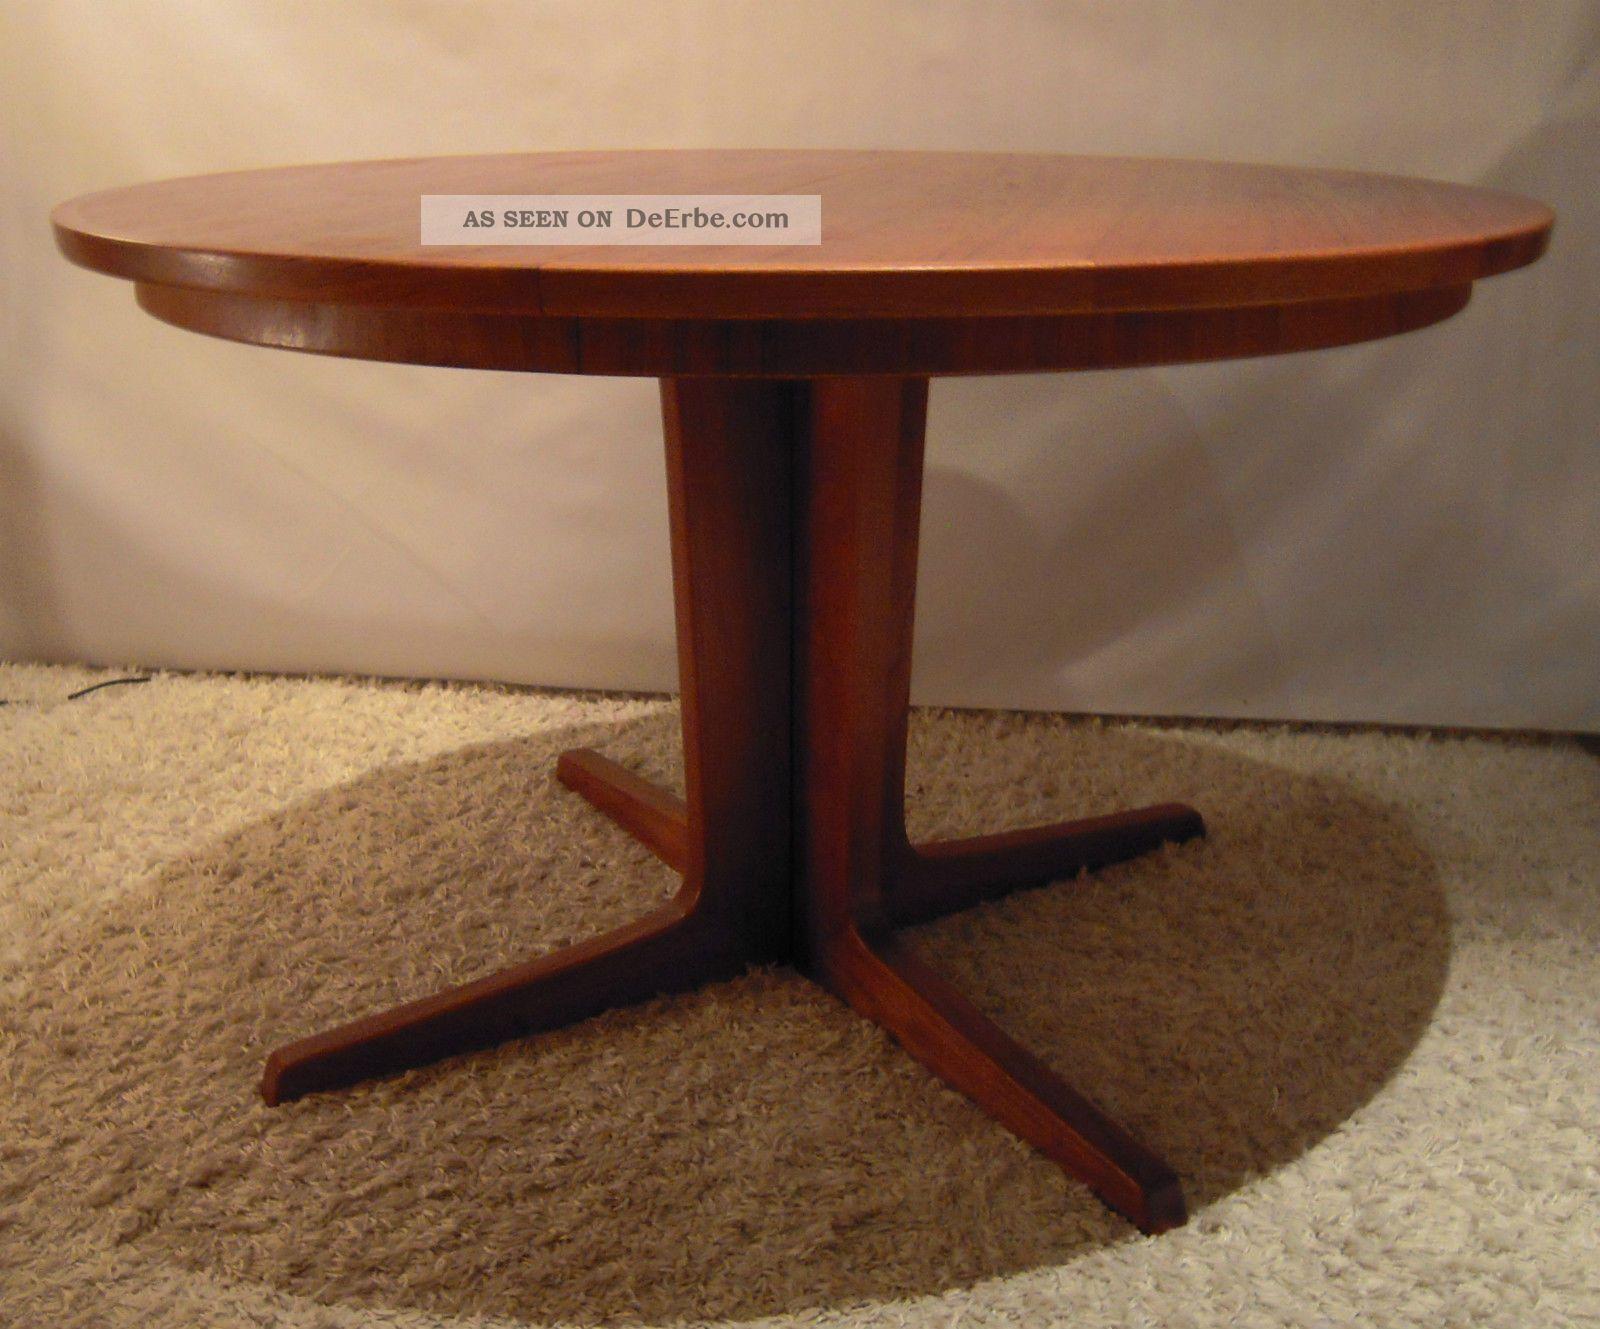 Full Size of Danish Design Runder Esstisch Ausziehbar Exdendable Dining Table Esstische Holz Oval Groß 160 2m Weiß Massivholz Deckenlampe Runde Kleine Sofa Für Designer Esstische Runder Esstisch Ausziehbar